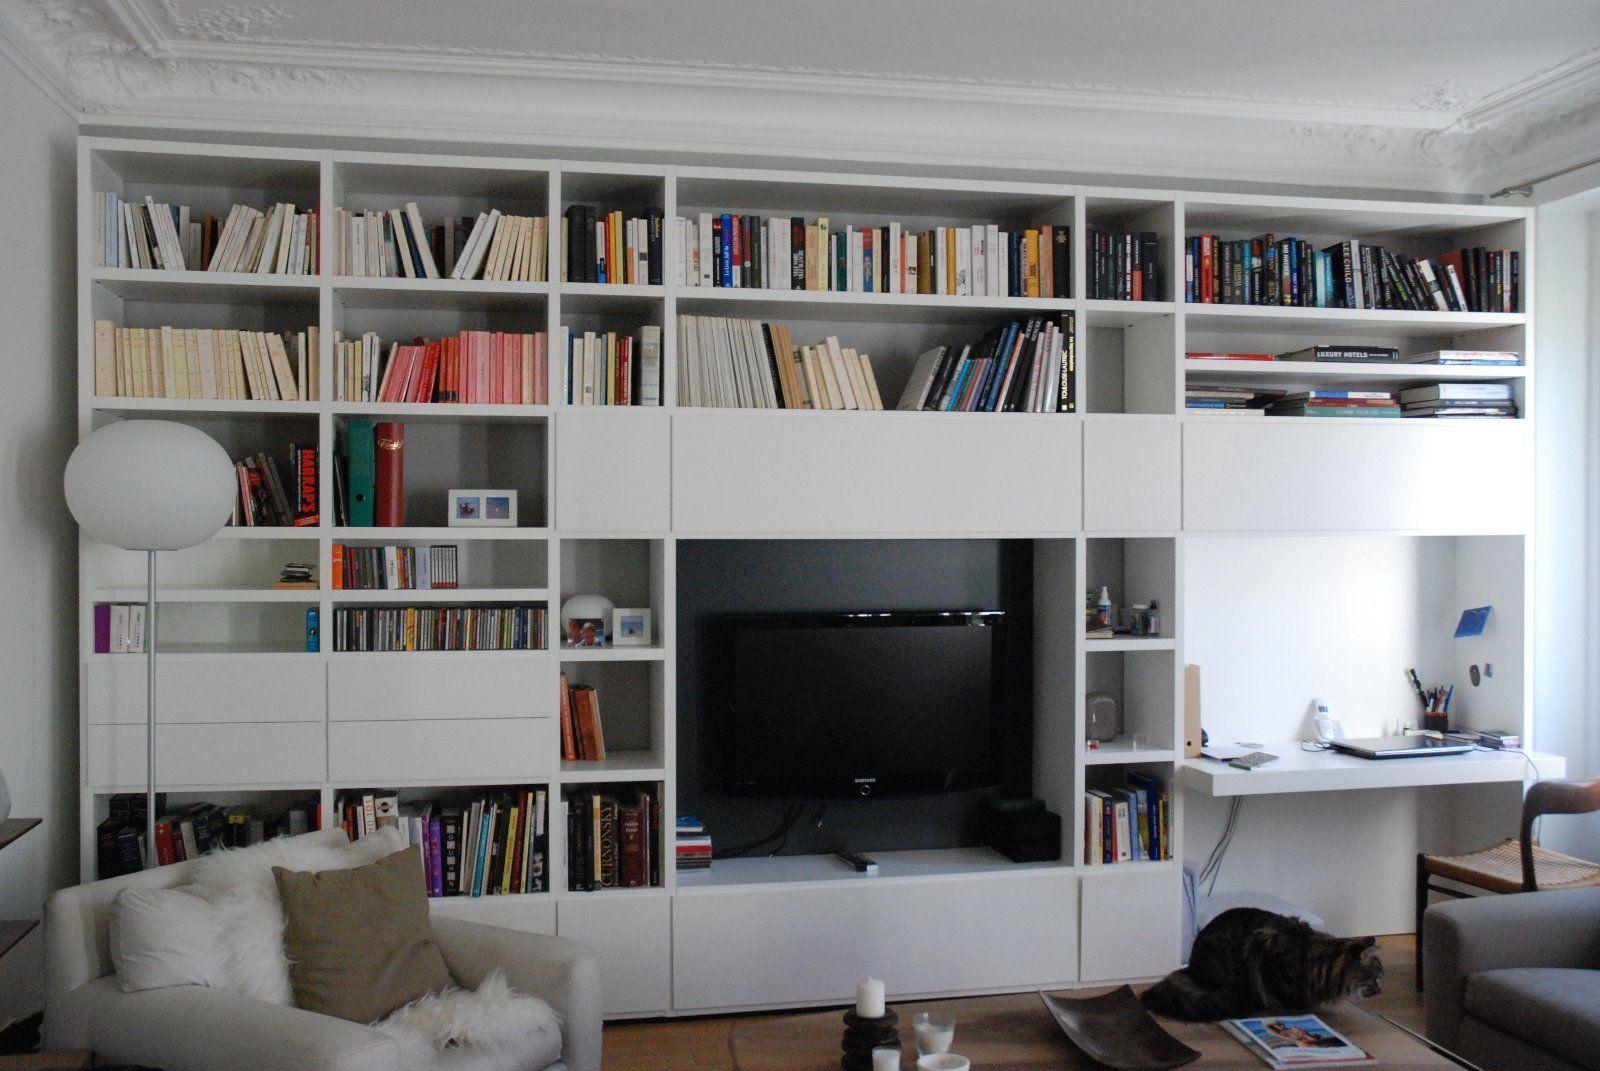 Meuble Tv Bibliothèque Blanc Épinglé sur Ірина